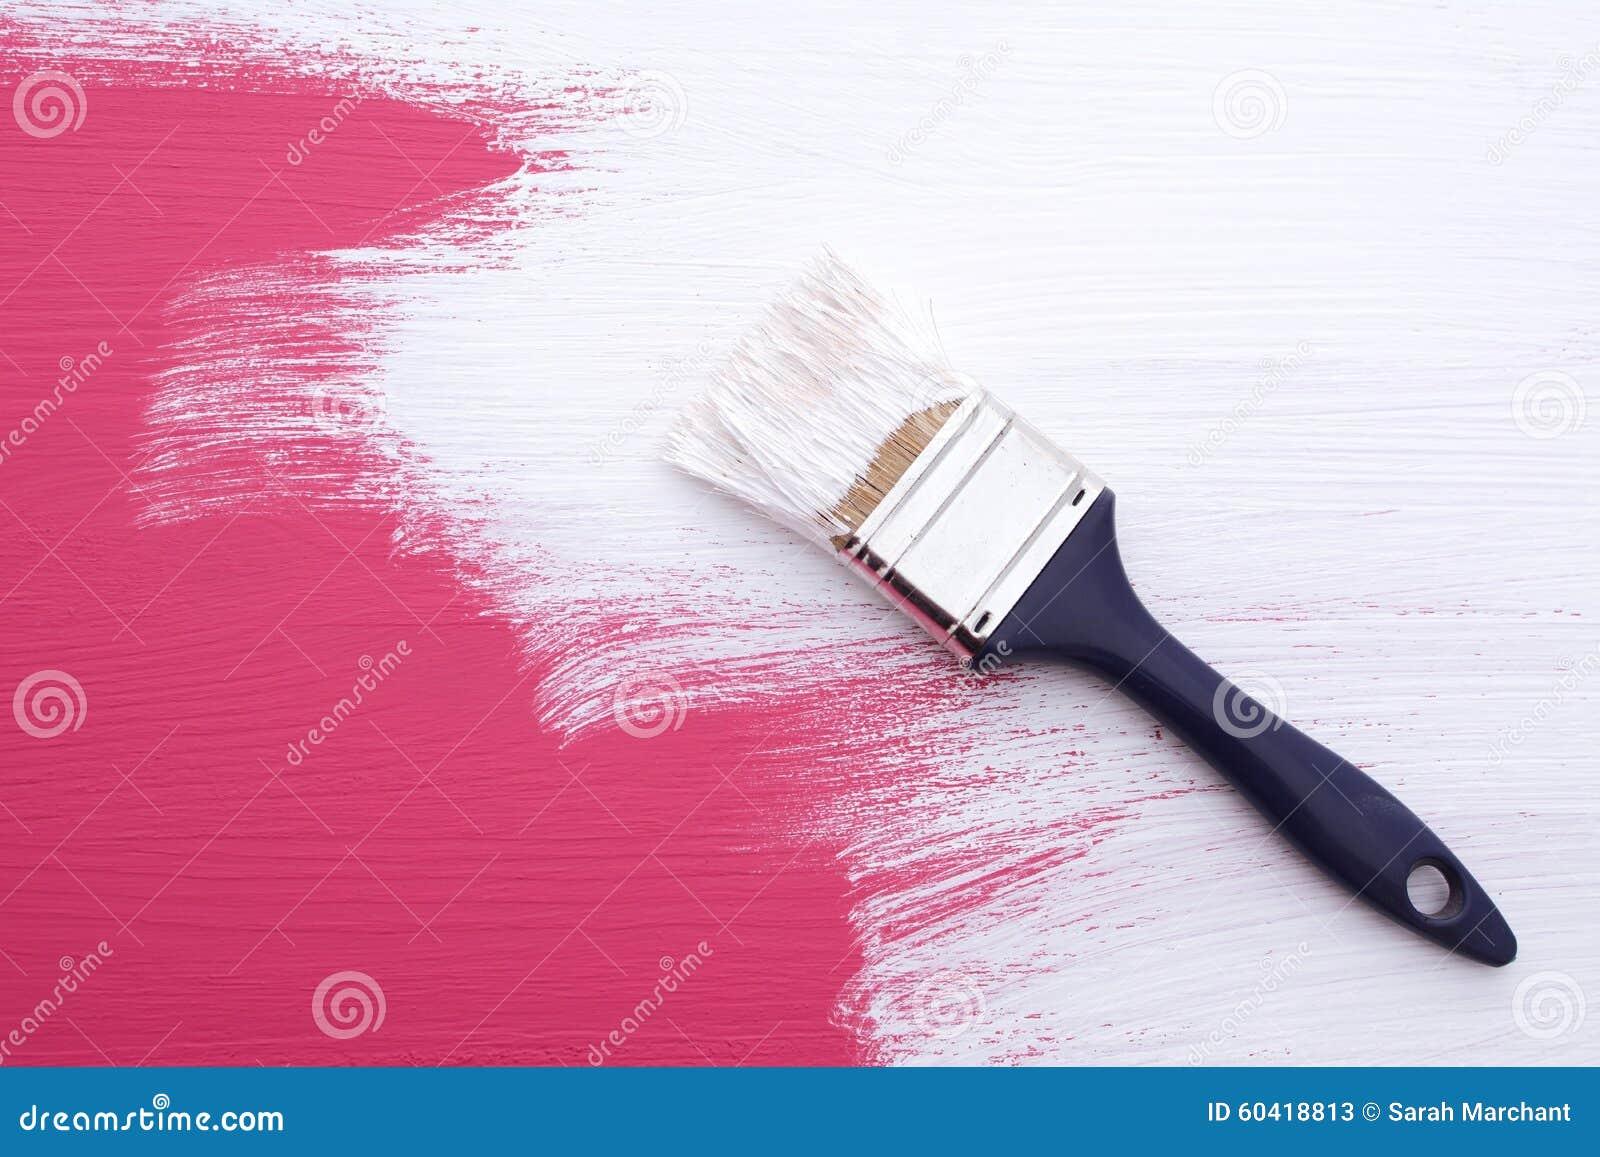 Abdeckung der rosa Farbe mit einer Schicht der weißen Emulsion